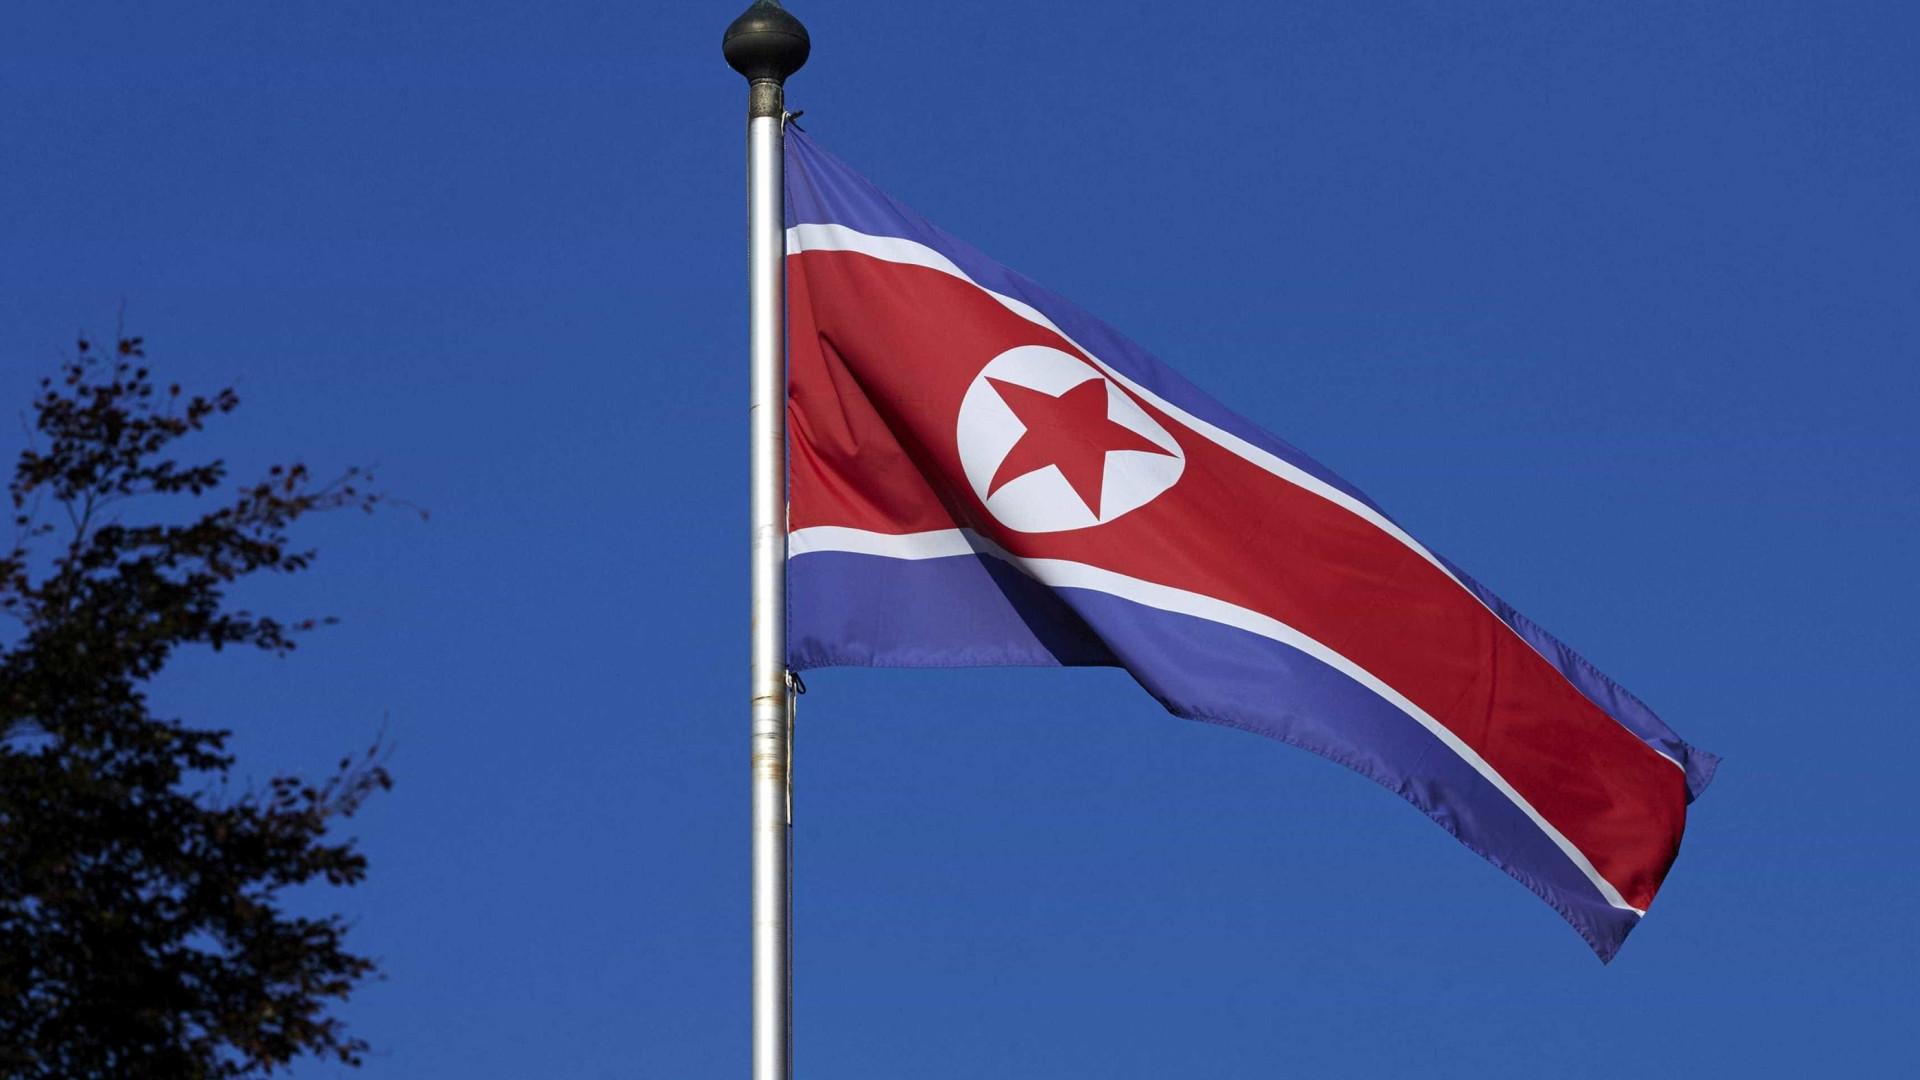 China vinca compromisso com desnuclearização norte-coreana